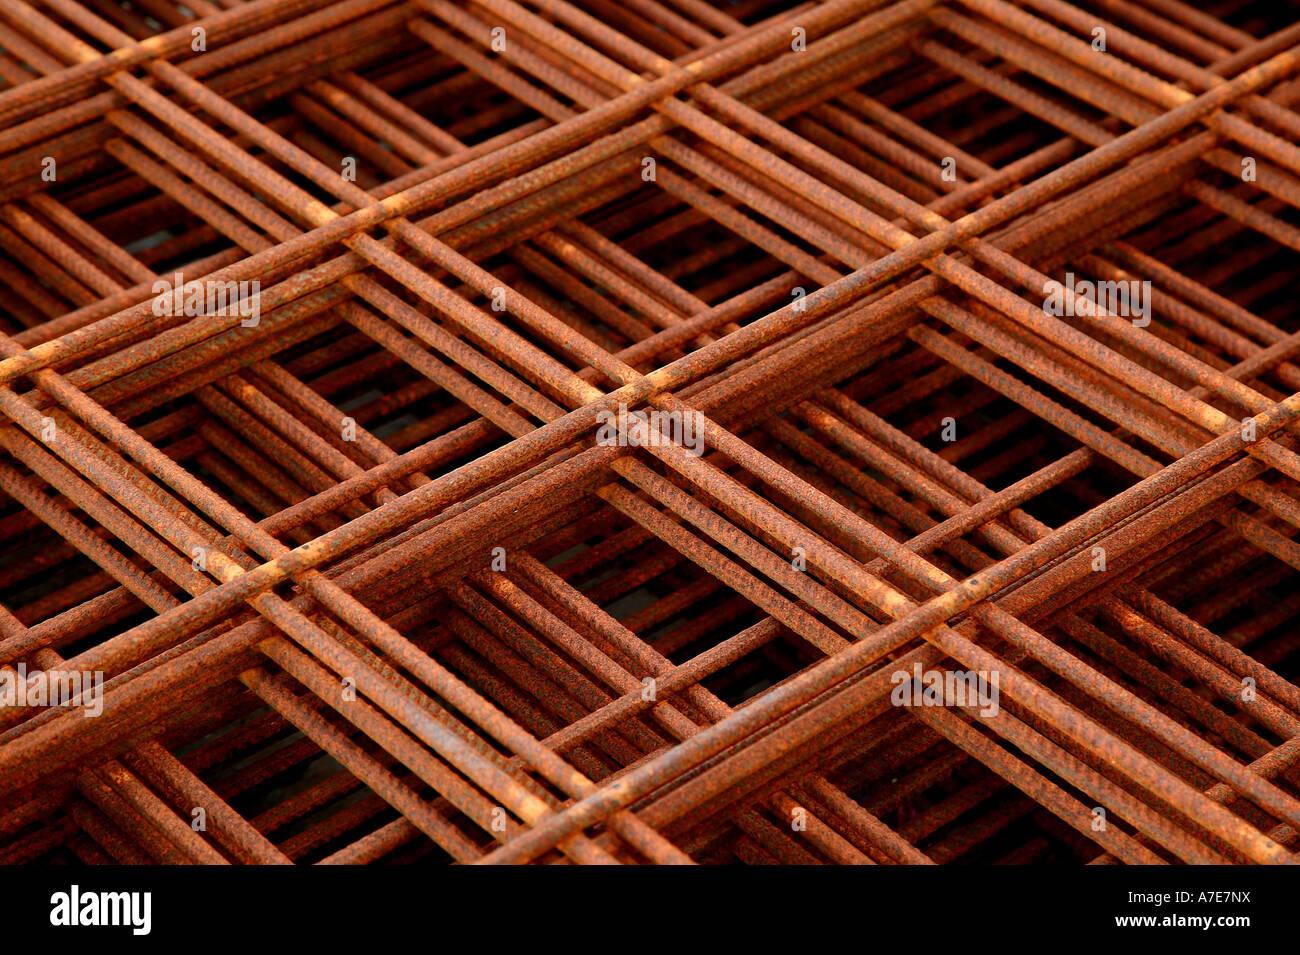 Stapel von Stahl Bewehrungselemente Stockfoto